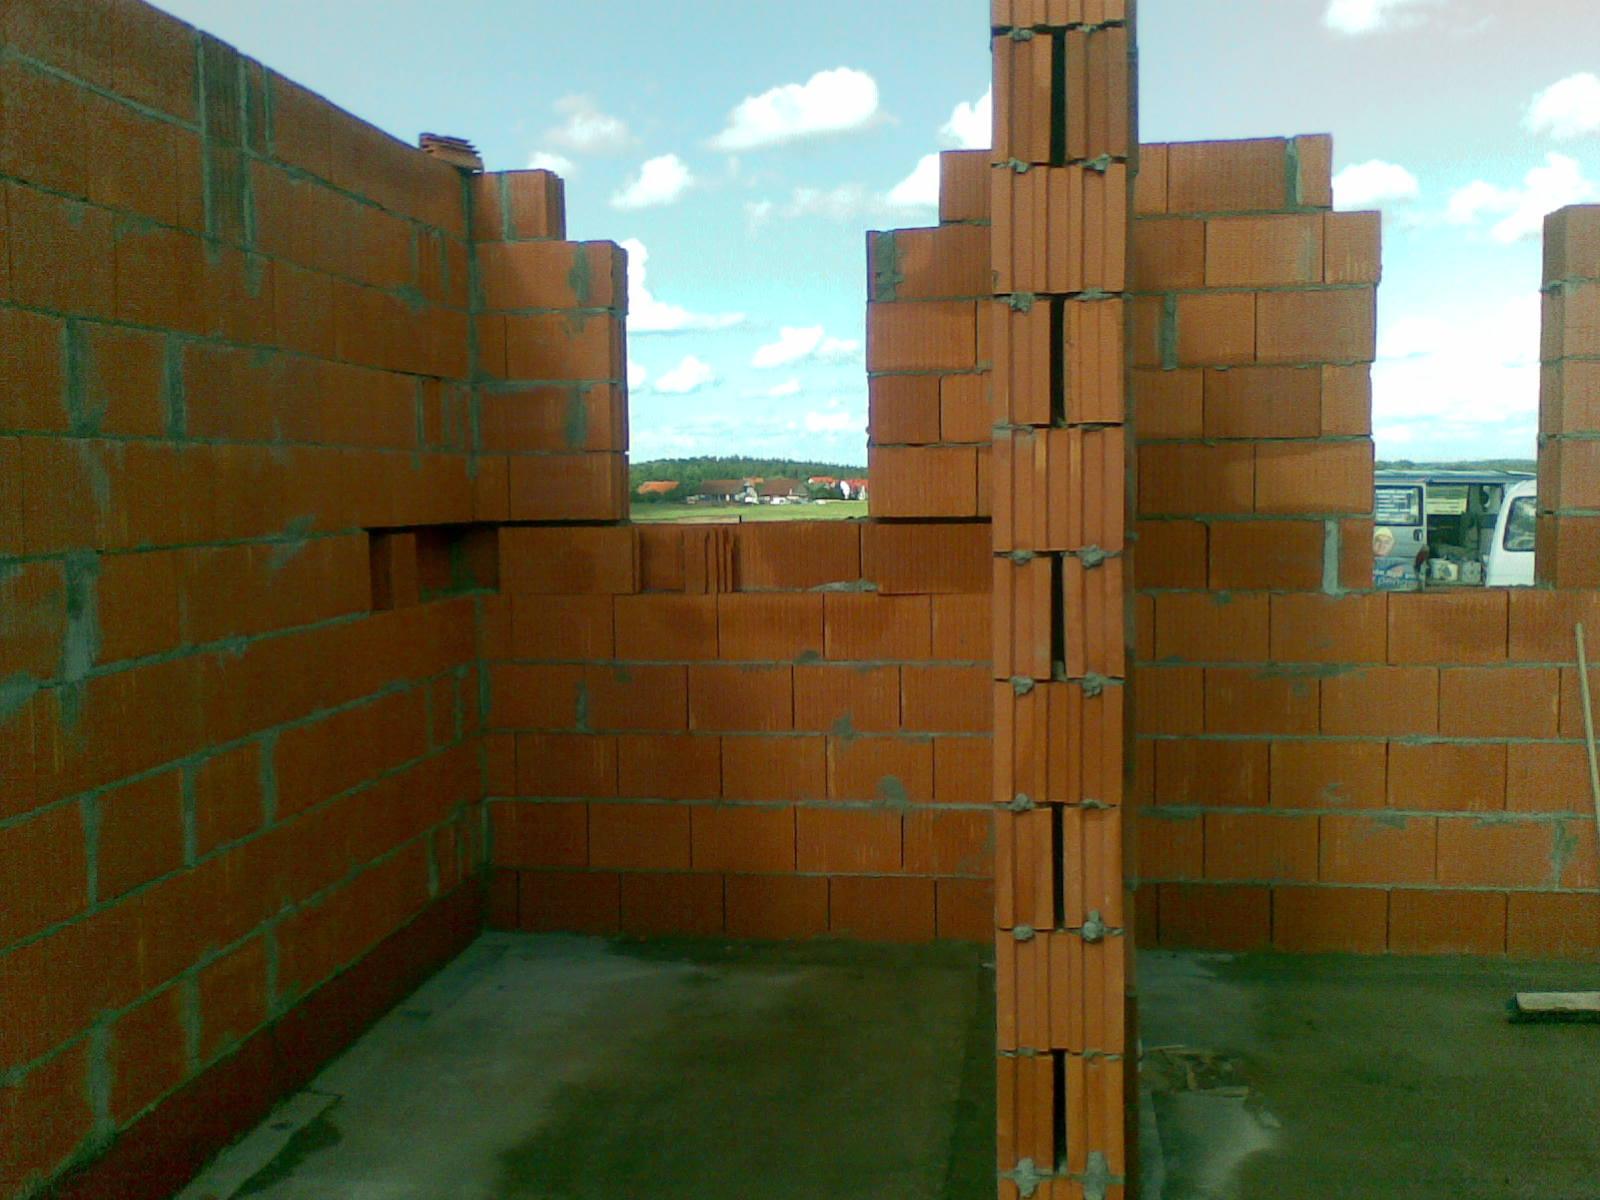 klatka schodowa i łazienka - parter